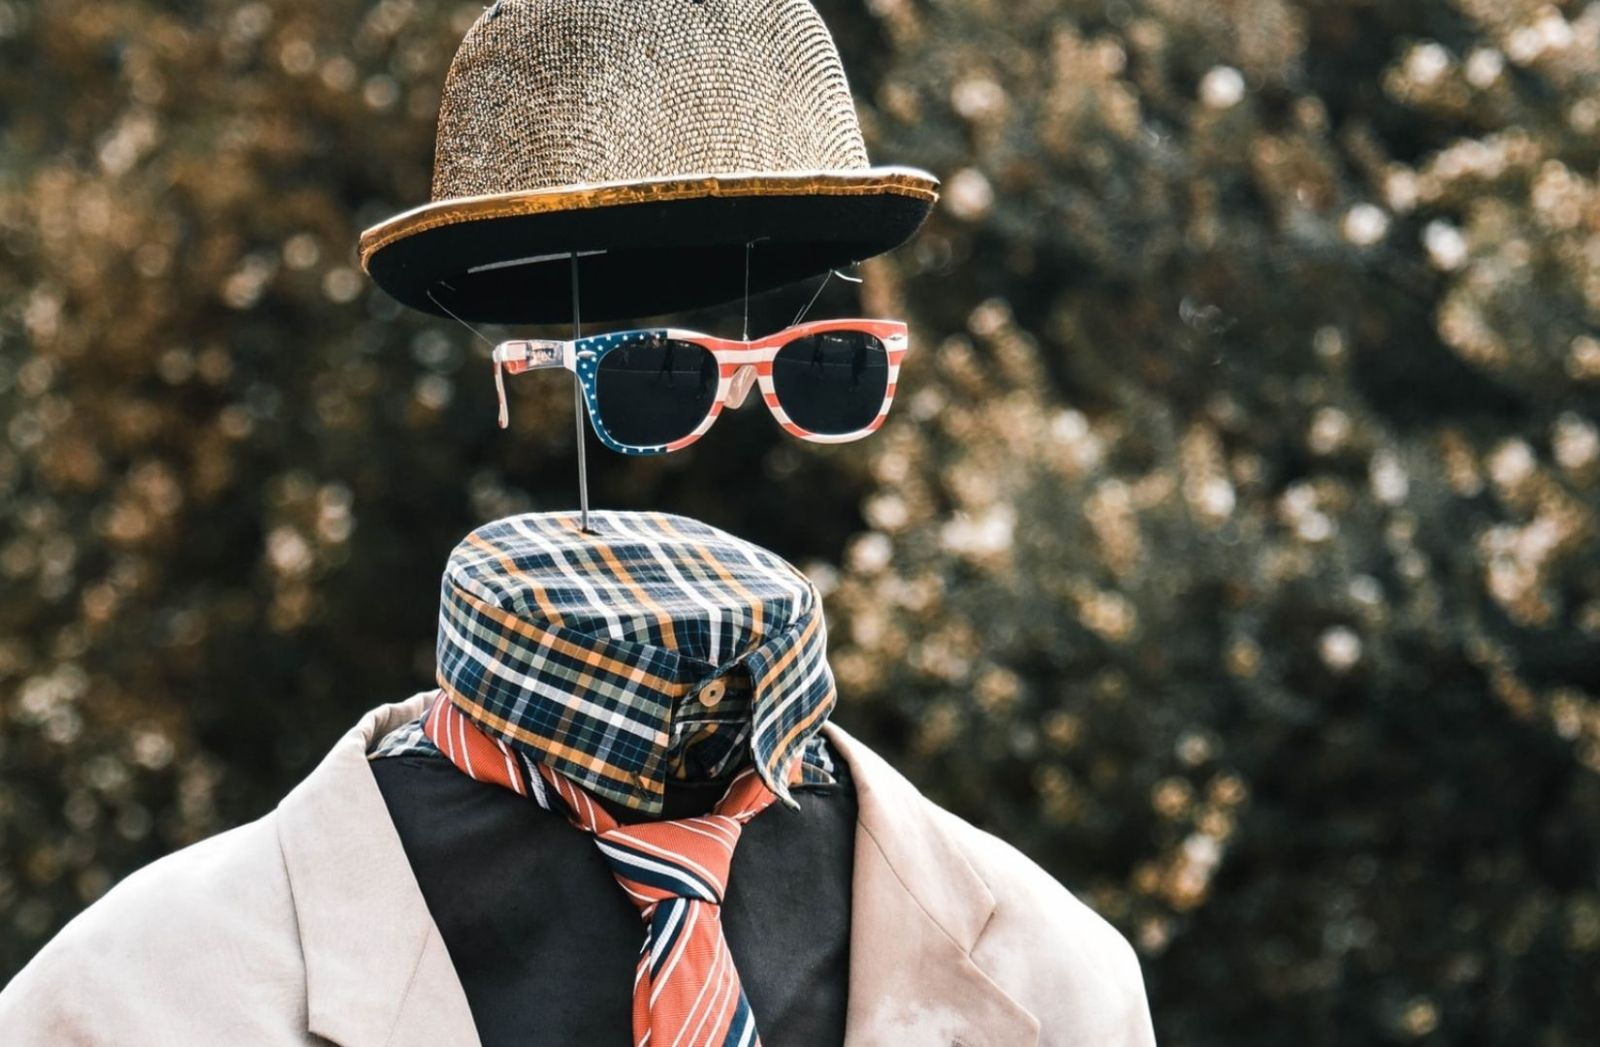 Ein Unsichtbarer als Symbol für einen Dämon. (Symbolfoto: Zane Lee, Unsplash.com)